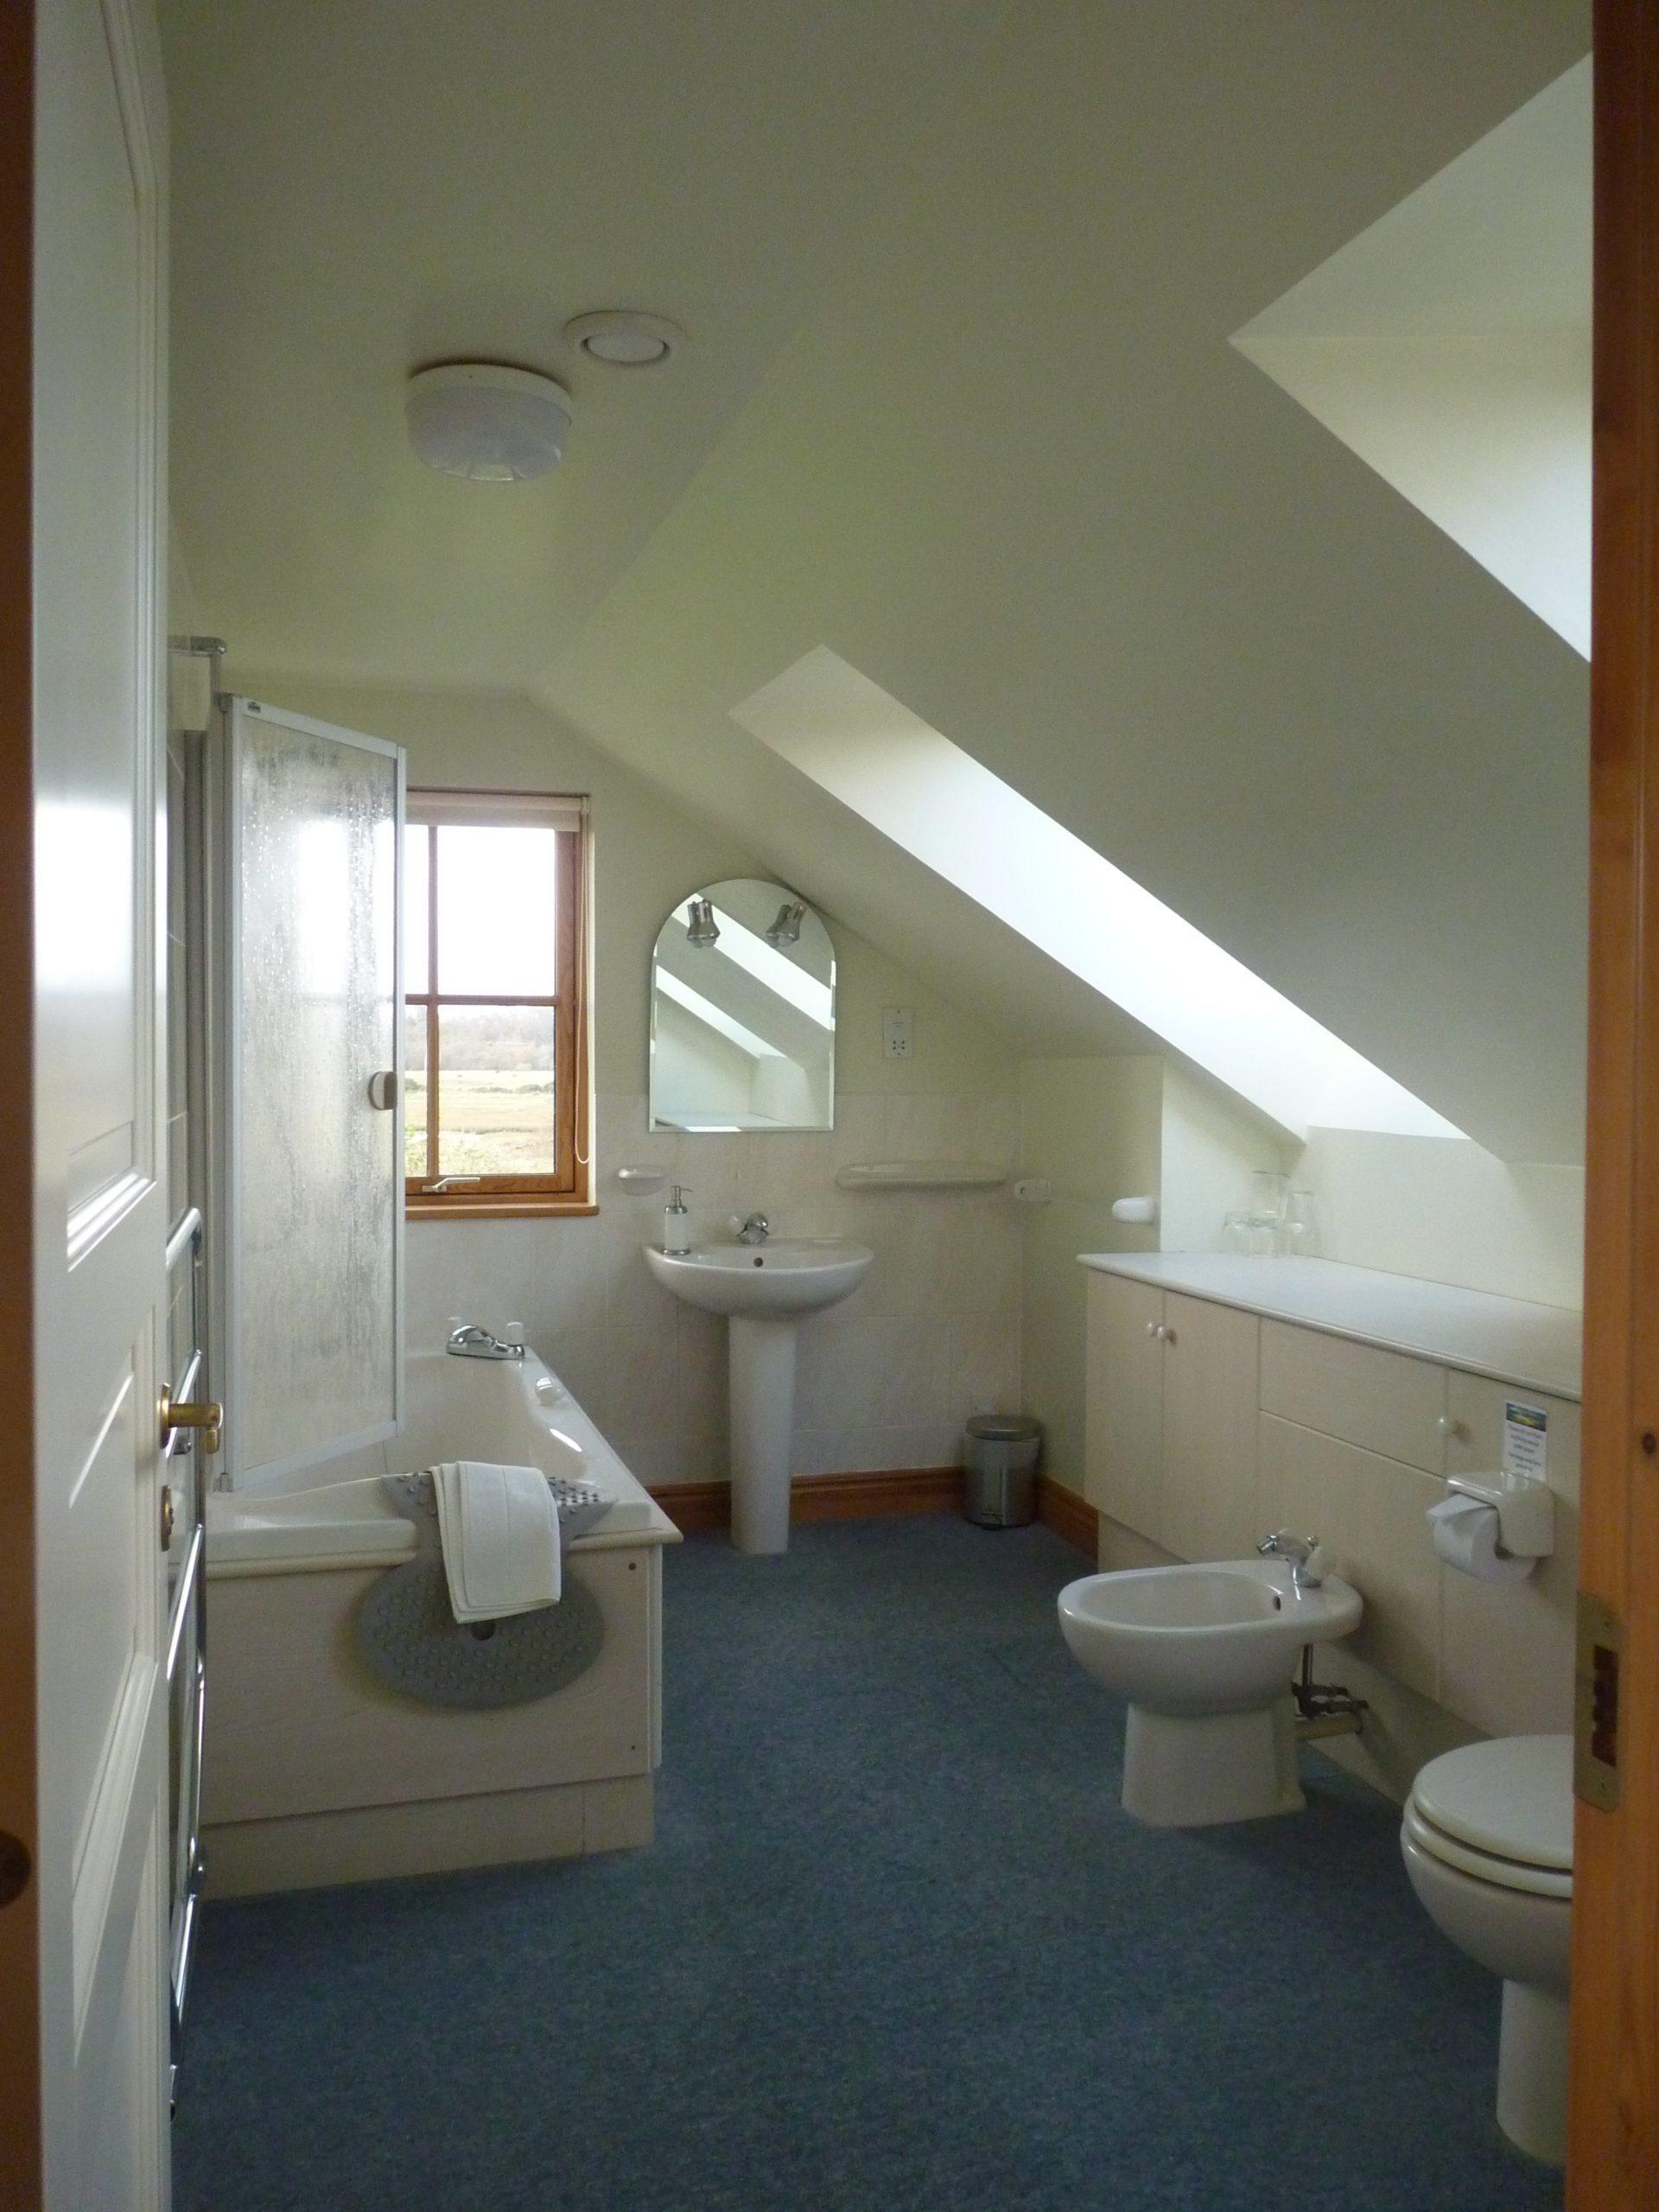 Bathroom upstairs BenderlochSelfCatering